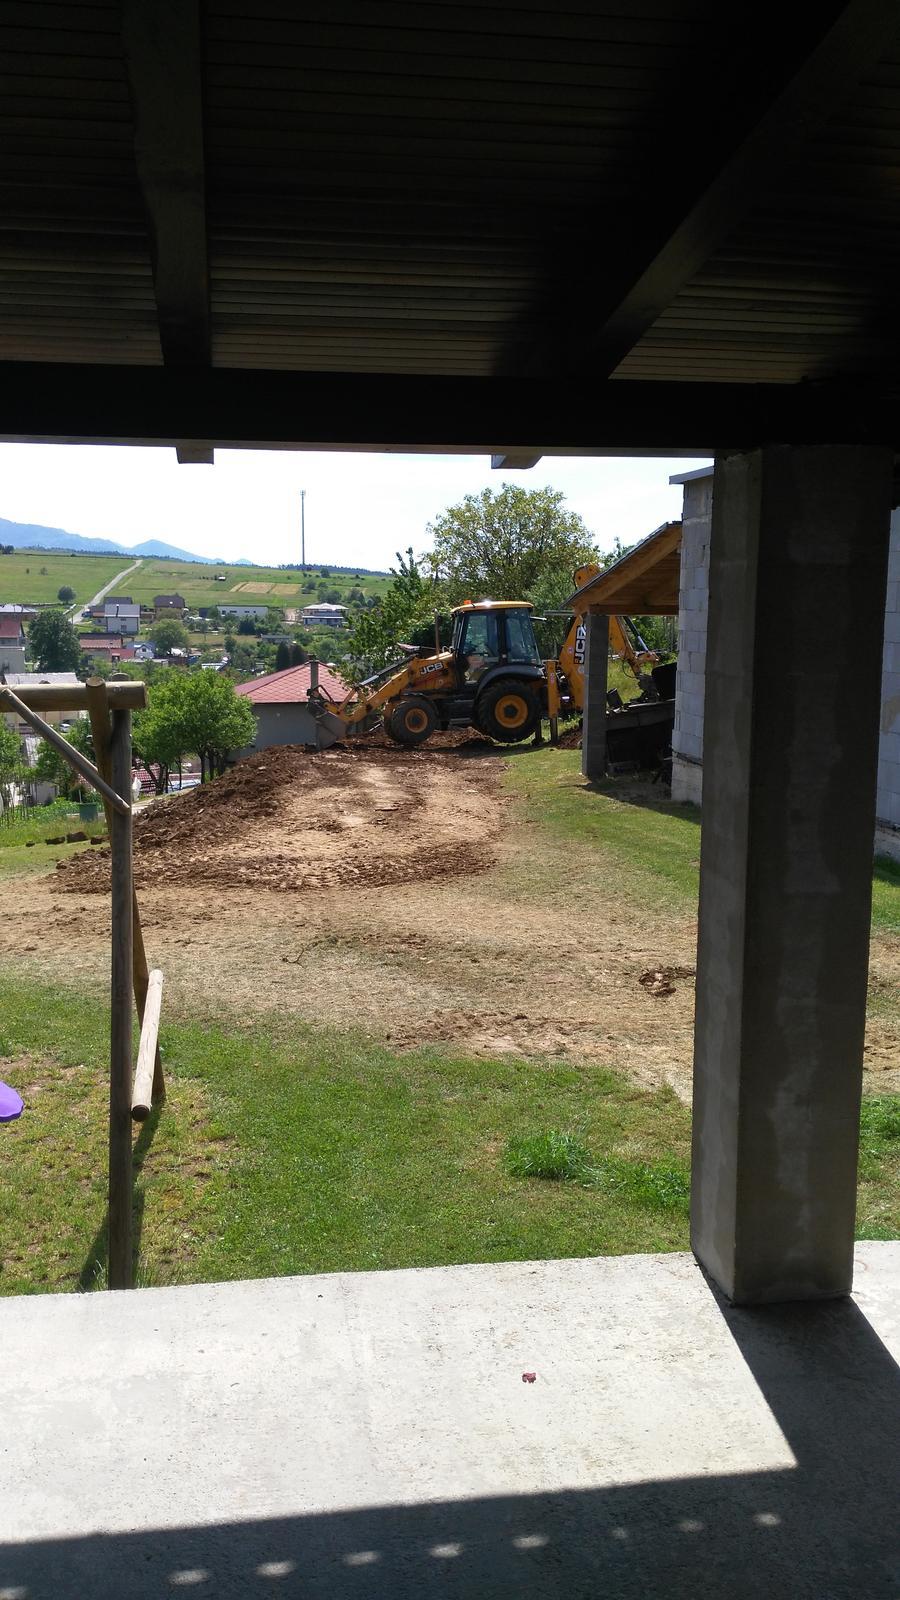 Domček na kopčeku - snažíme sa vyrovnát kopcovitý terén....